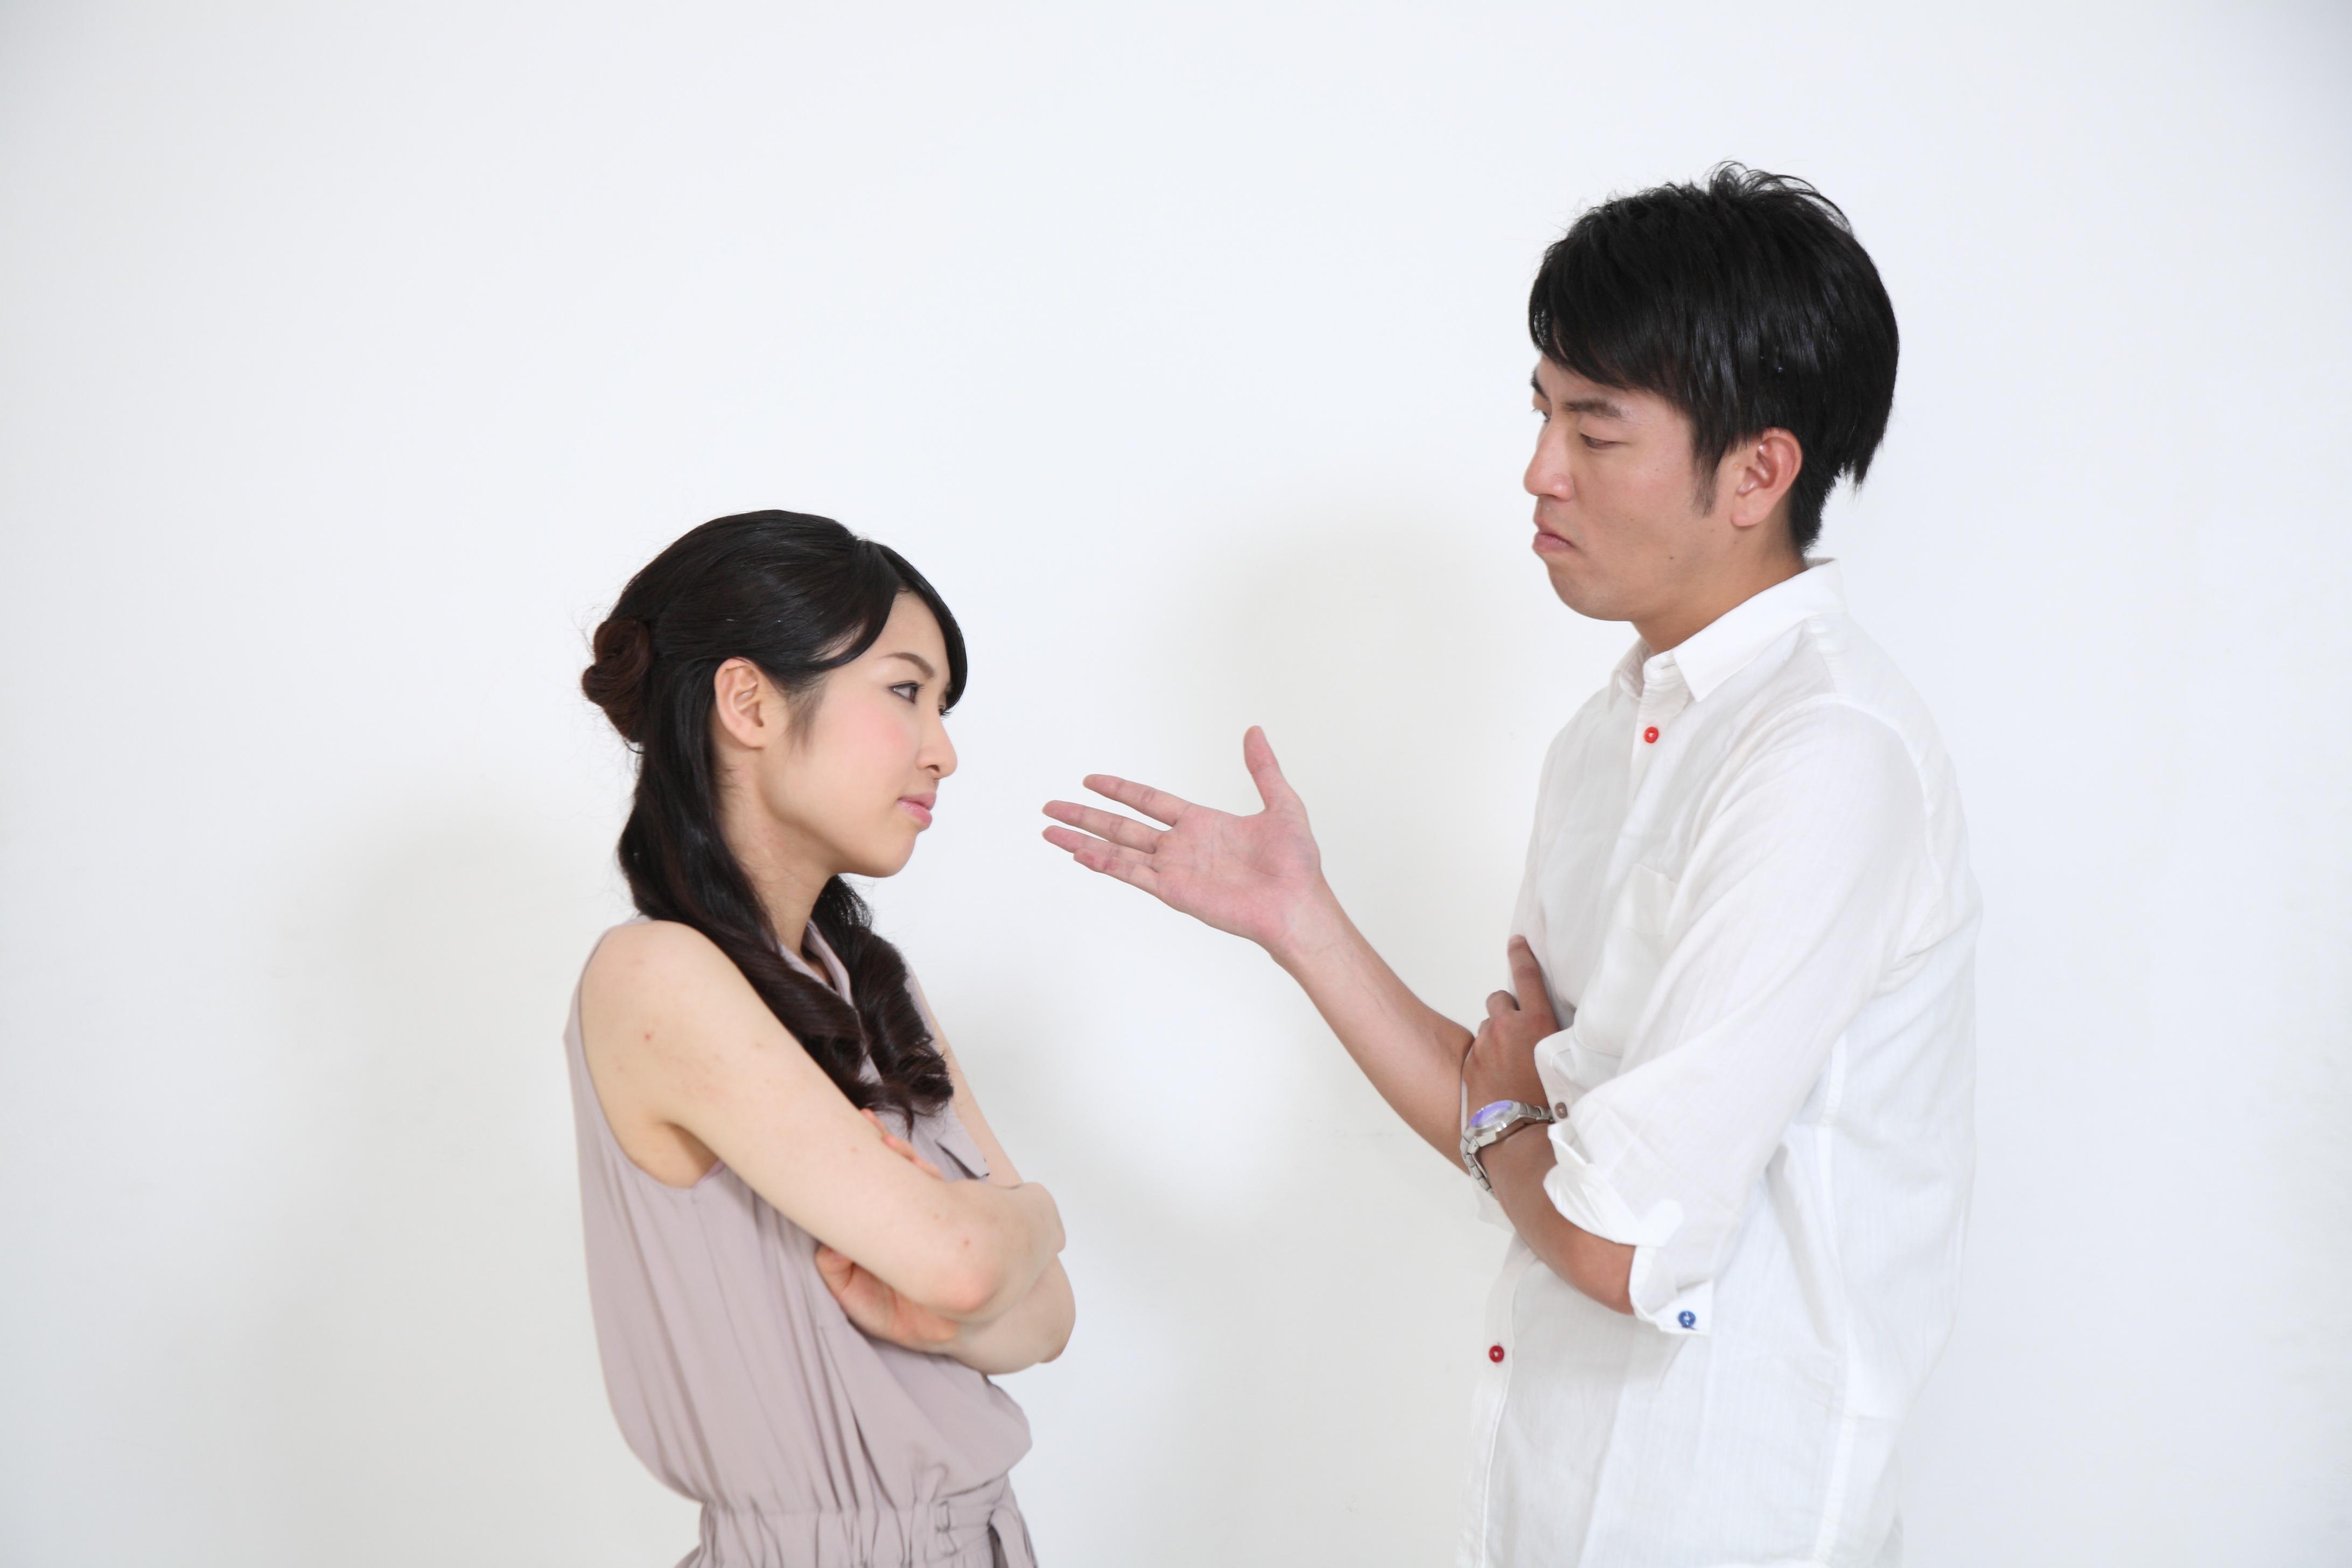 【雑記】夫婦間の喧嘩。ケーススタディーに学んでみる。